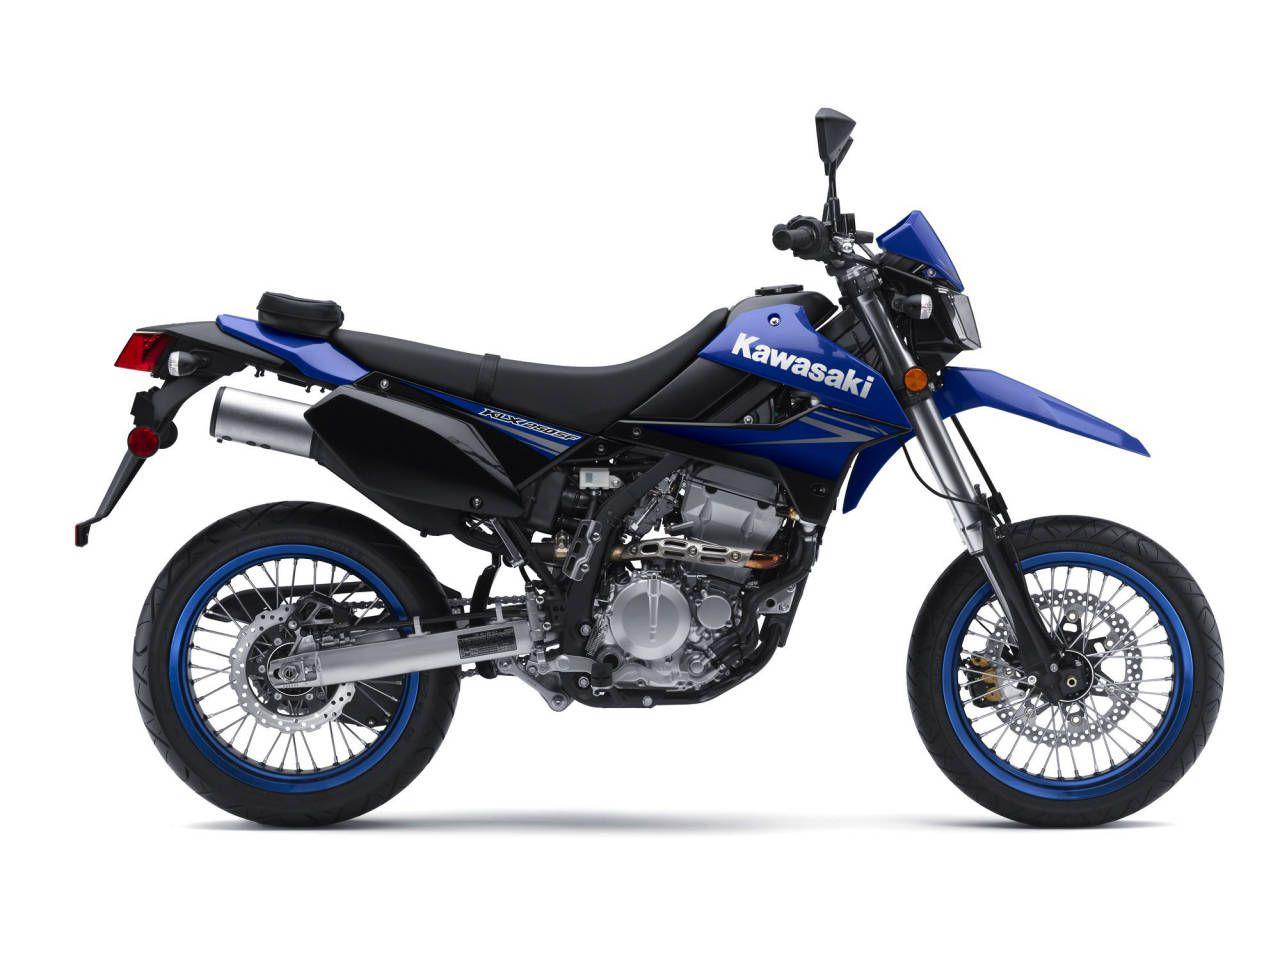 2010 Kawasaki 250 KLX 250cc motorcycle, Kawasaki, Motorcycle